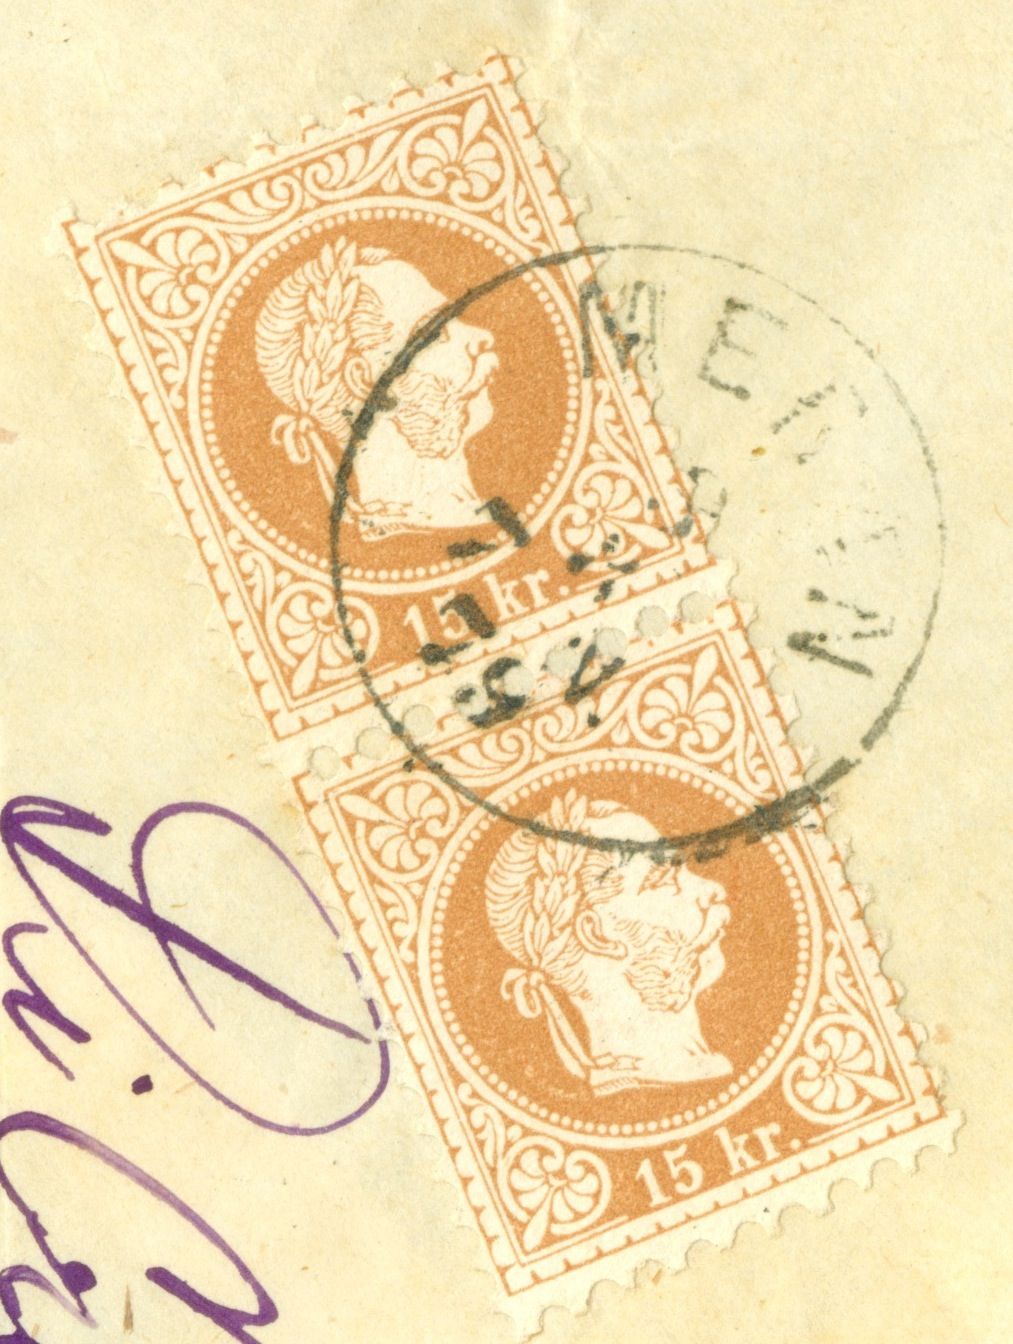 Nachtrag - Freimarken-Ausgabe 1867 : Kopfbildnis Kaiser Franz Joseph I - Seite 21 1879_b10